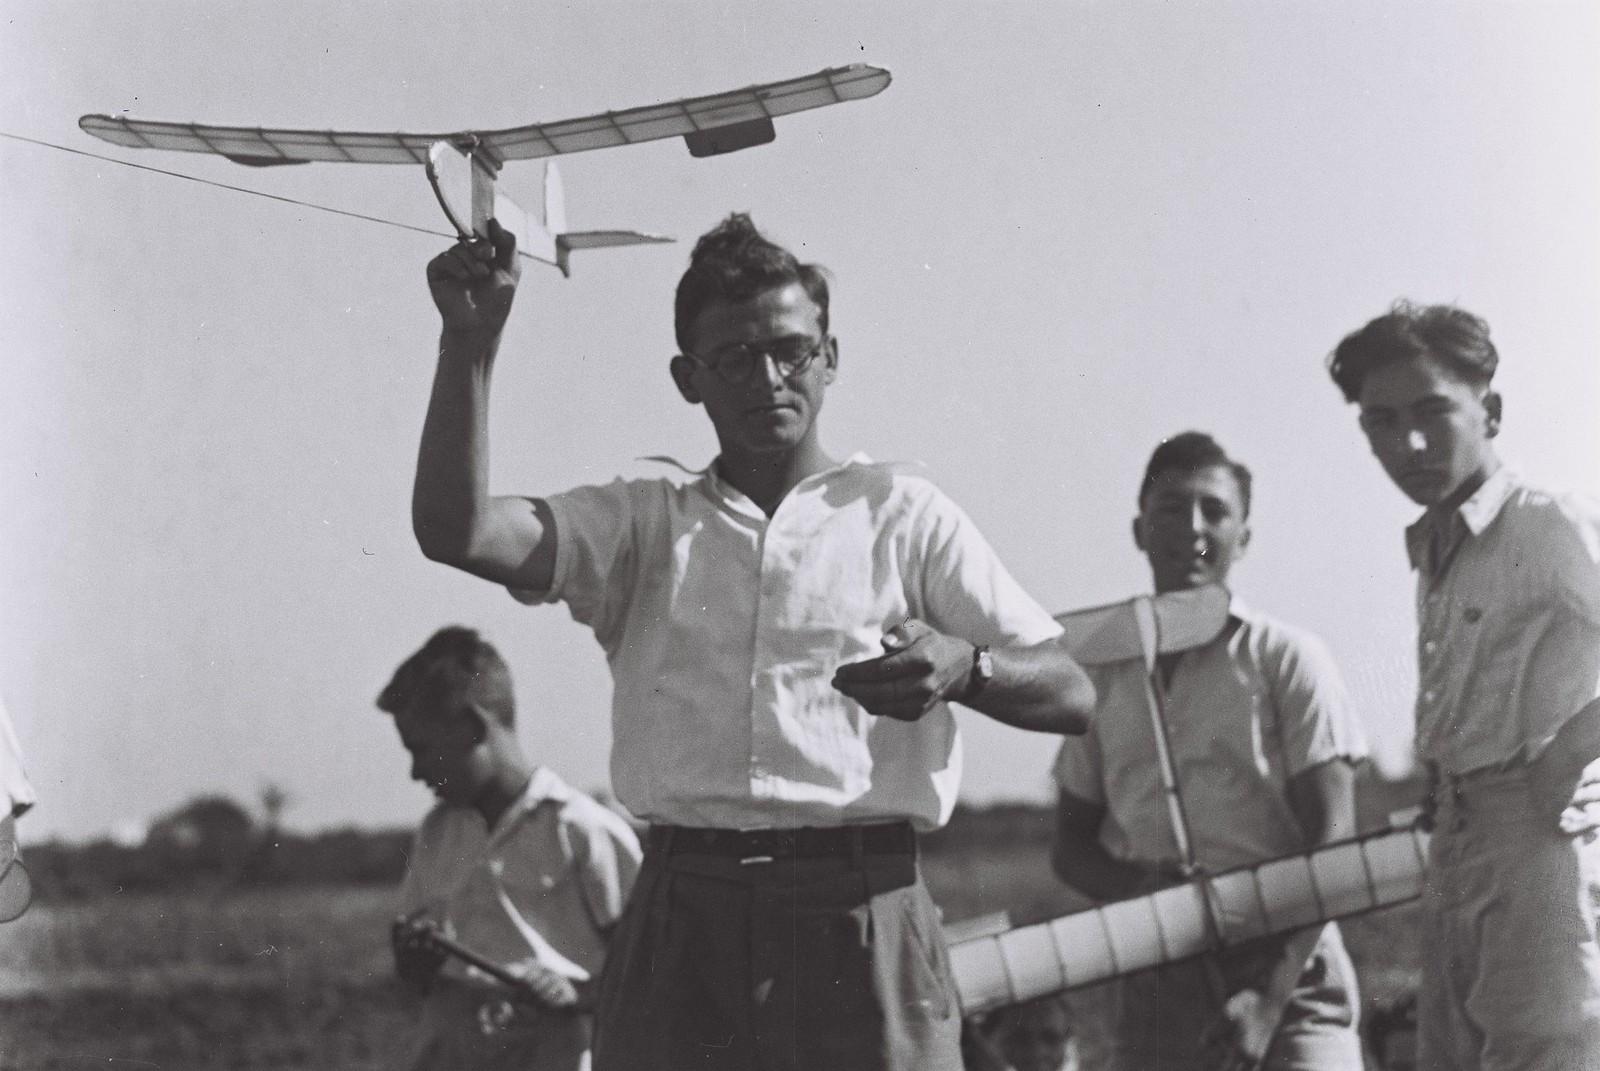 21. 1941. Соревнование по авиамоделизму среди шкоьников в Тель-Авиве